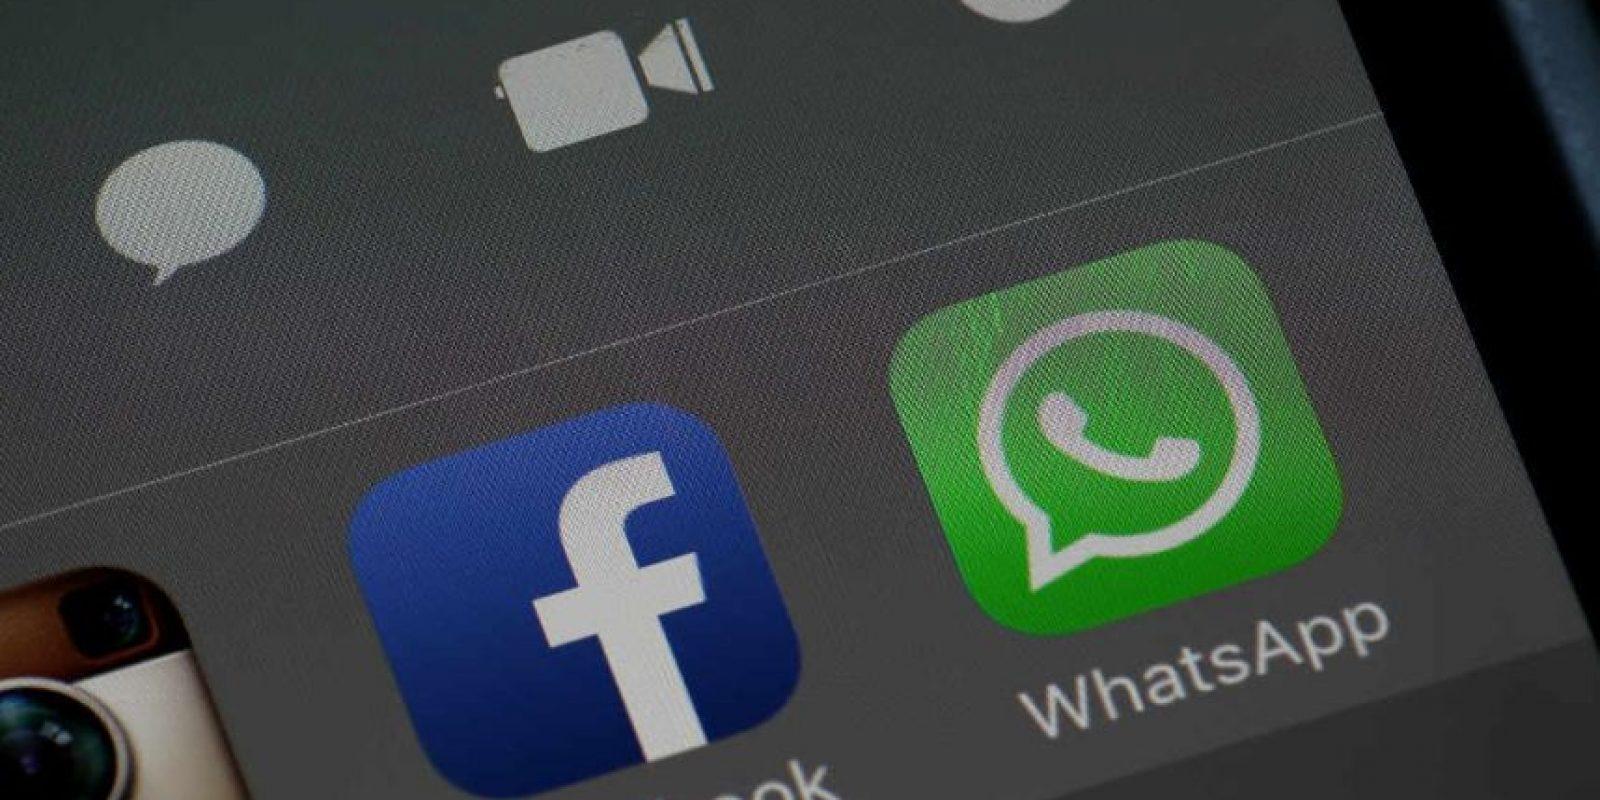 El cifrado extremo a extremo de WhatsApp impide que terceros lean nuestras conversaciones. Foto:Getty Images